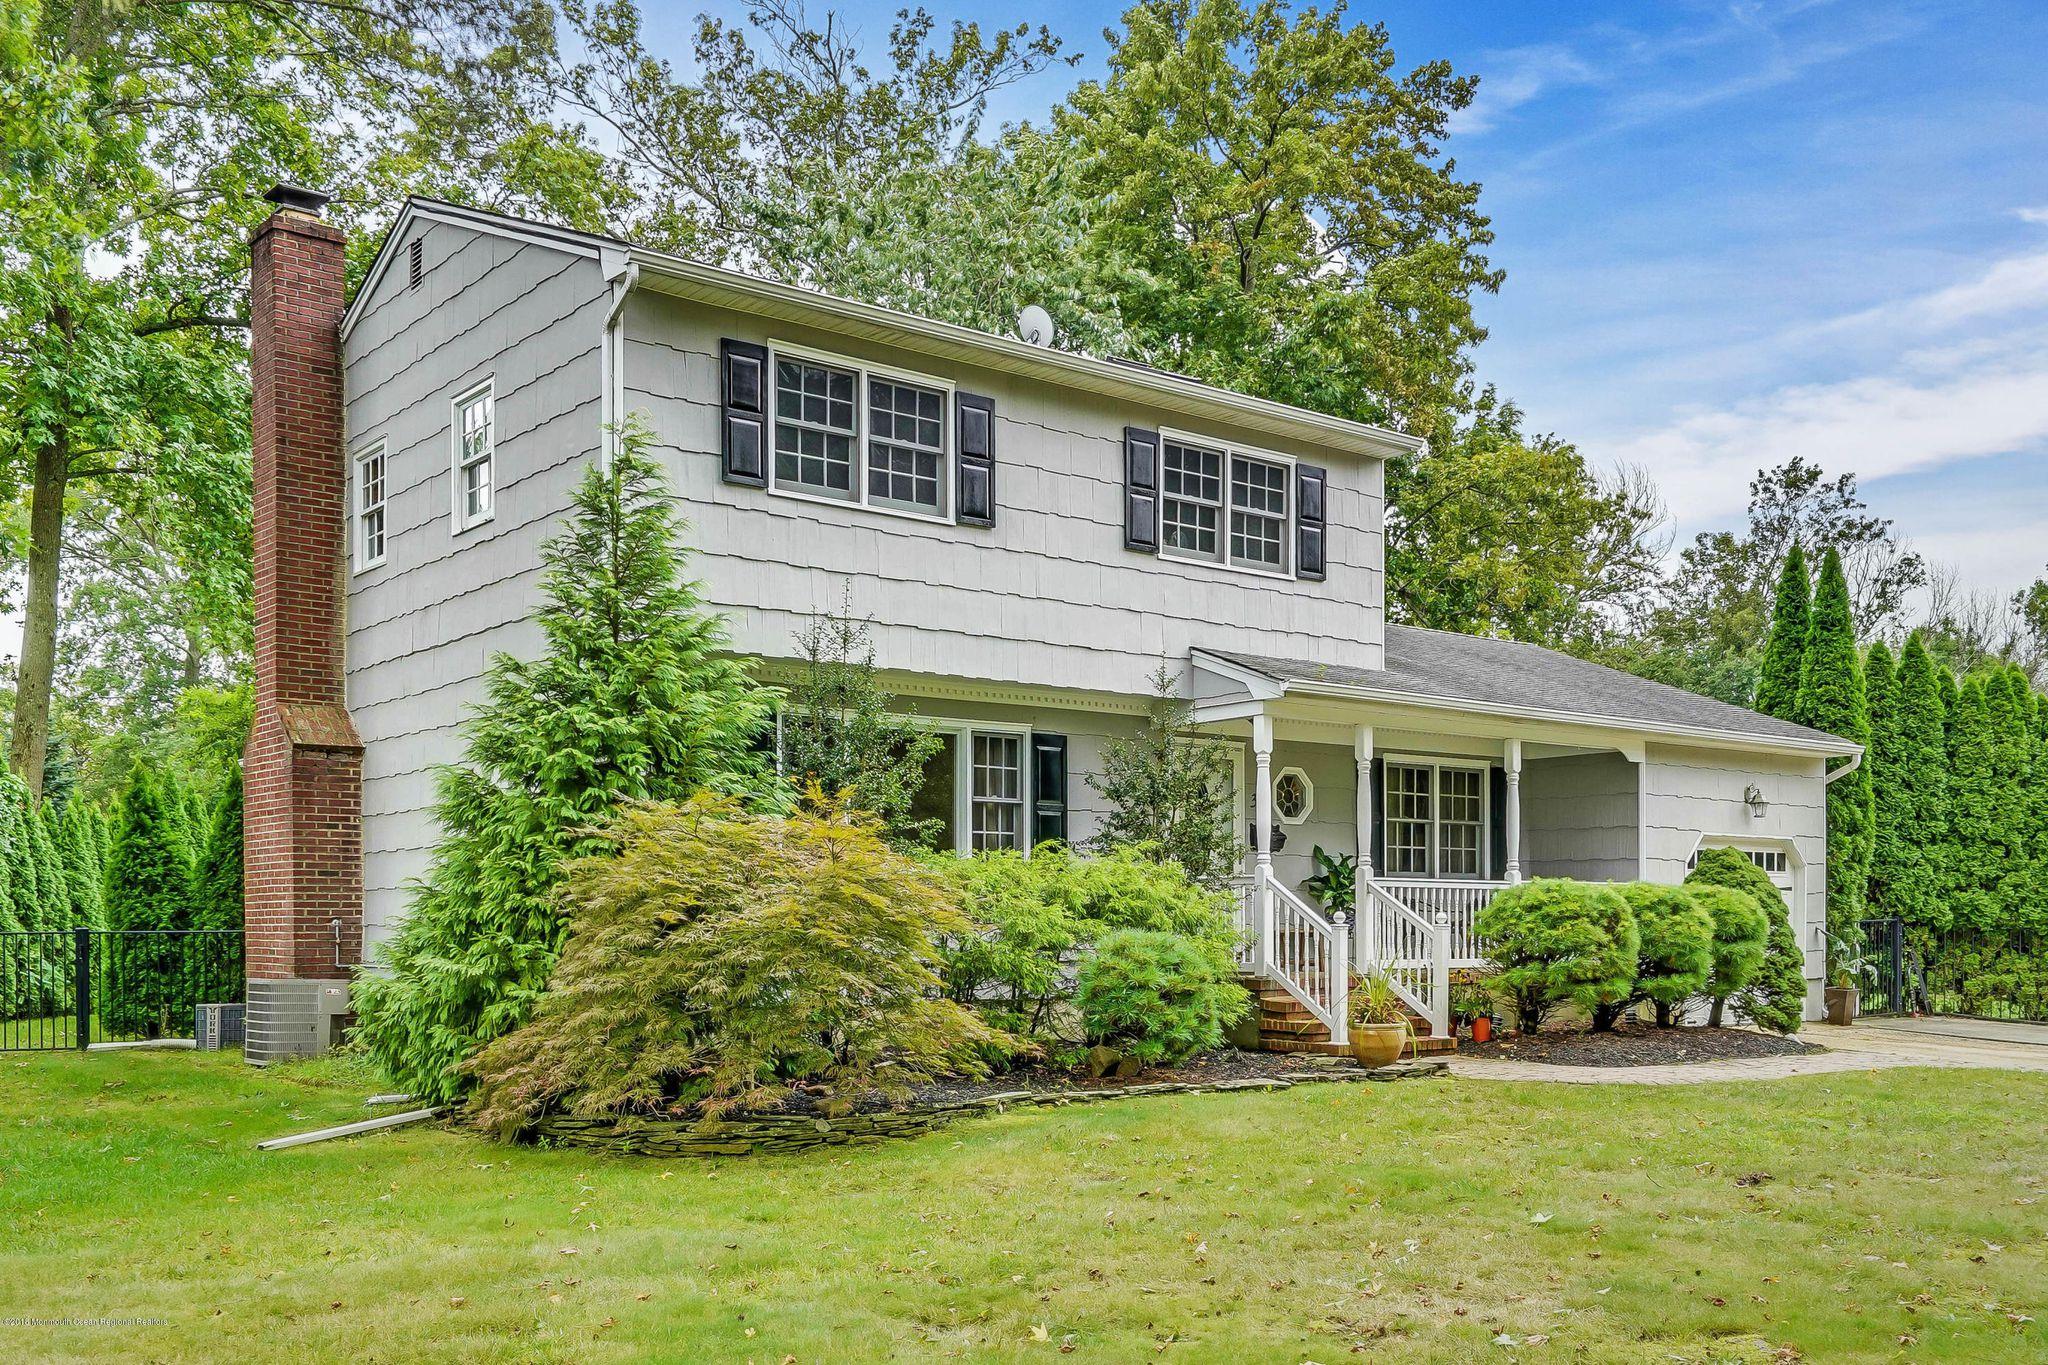 36 Heath Ave, Oakhurst, NJ 07755 - 3 Bed, 2 Bath Single-Family Home - MLS  #21918681 - 41 Photos | Trulia